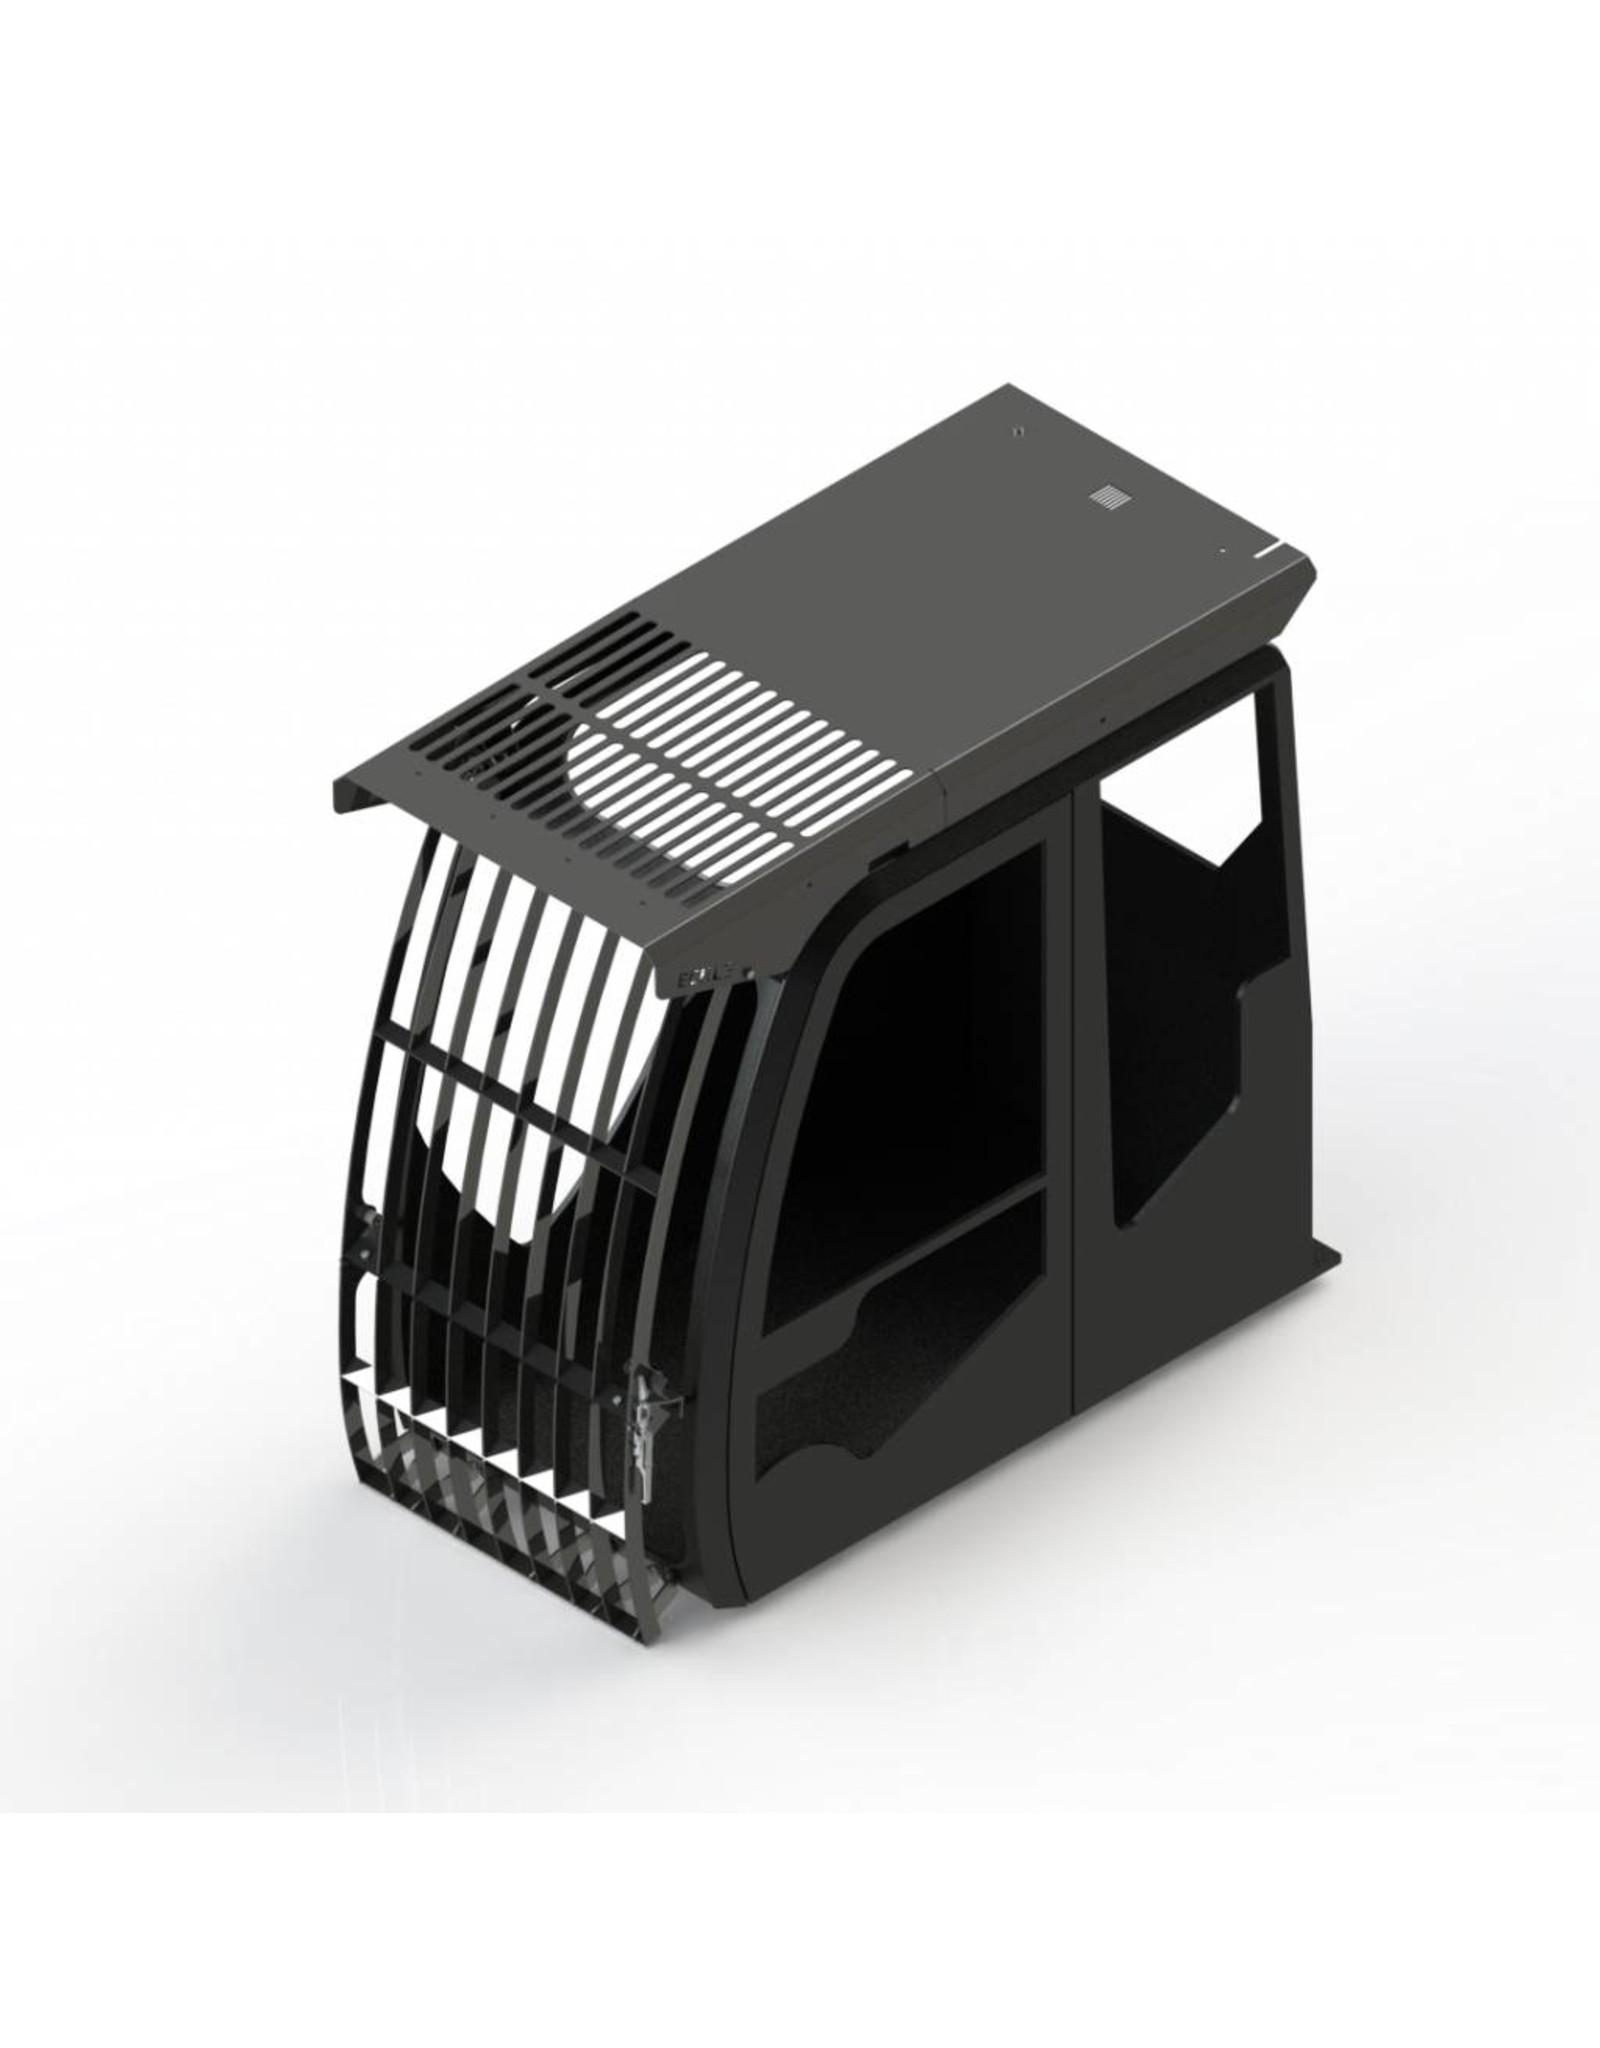 Echle Hartstahl GmbH FOPS für Komatsu PW160-10/11